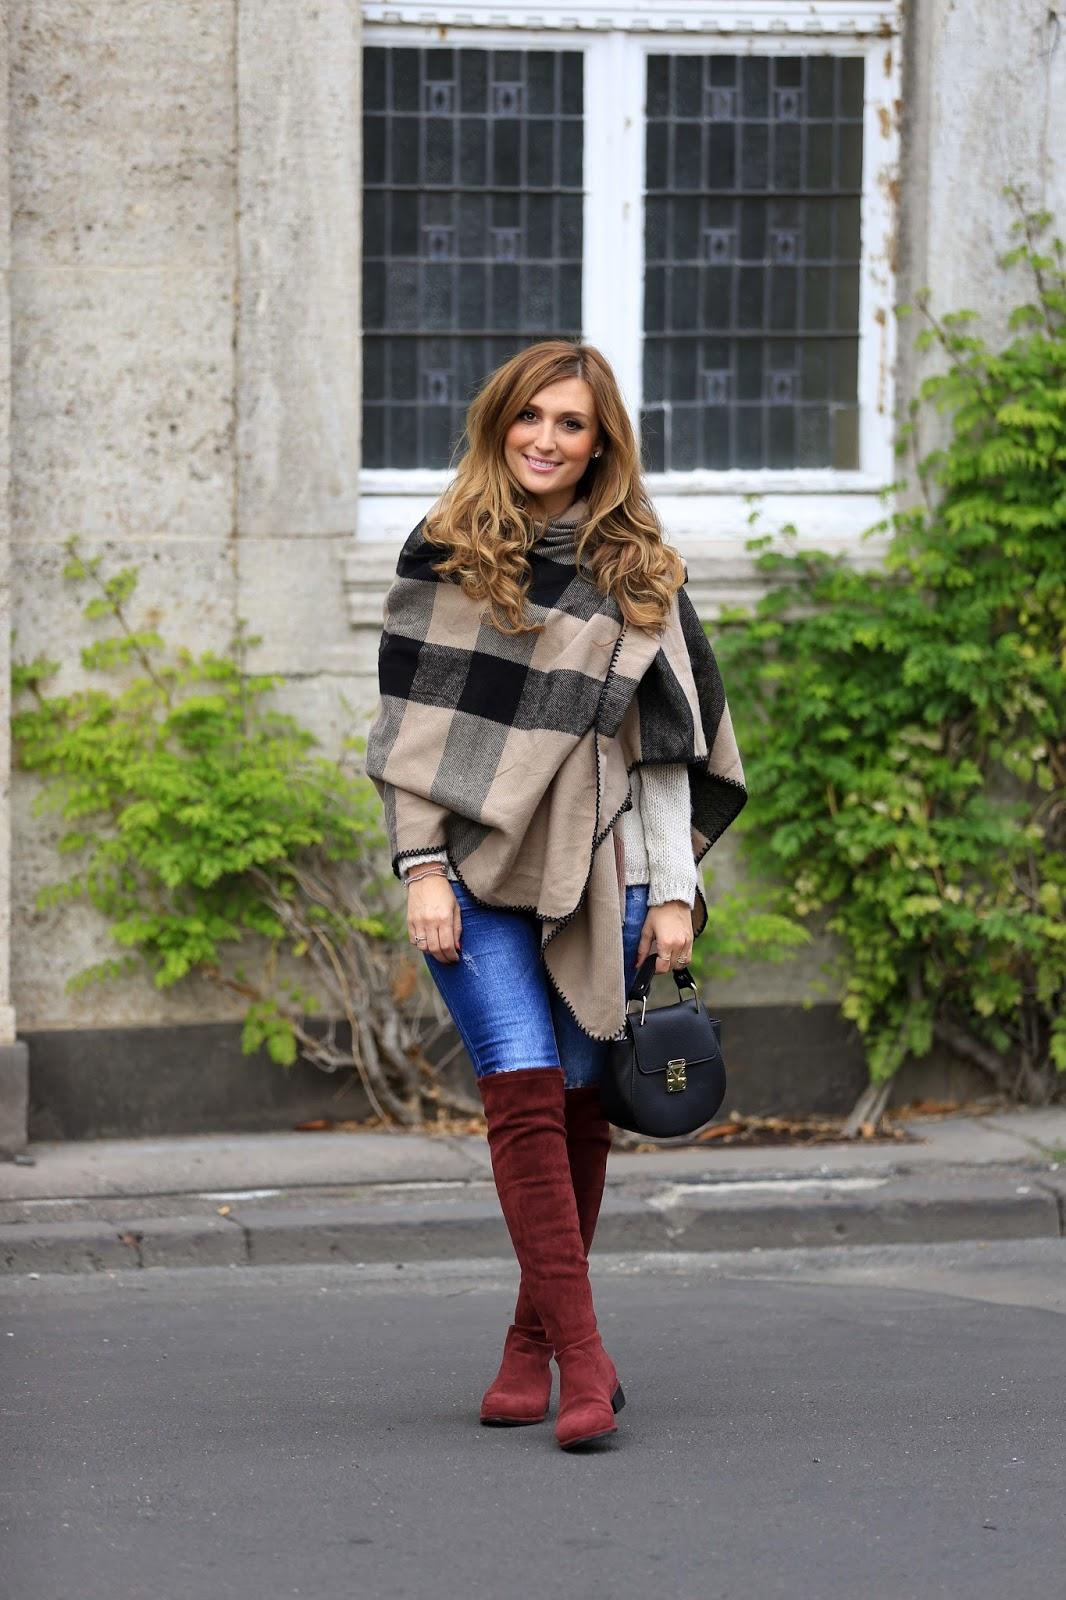 Blogger aus Deutschland-Deutsche Fashionblogger - Deutsche Blogger- Blogger Deutschland-Fashionstylebyjohanna-OffShoulder- Off-ShouldernPullover- Fashionstylebyjohanna